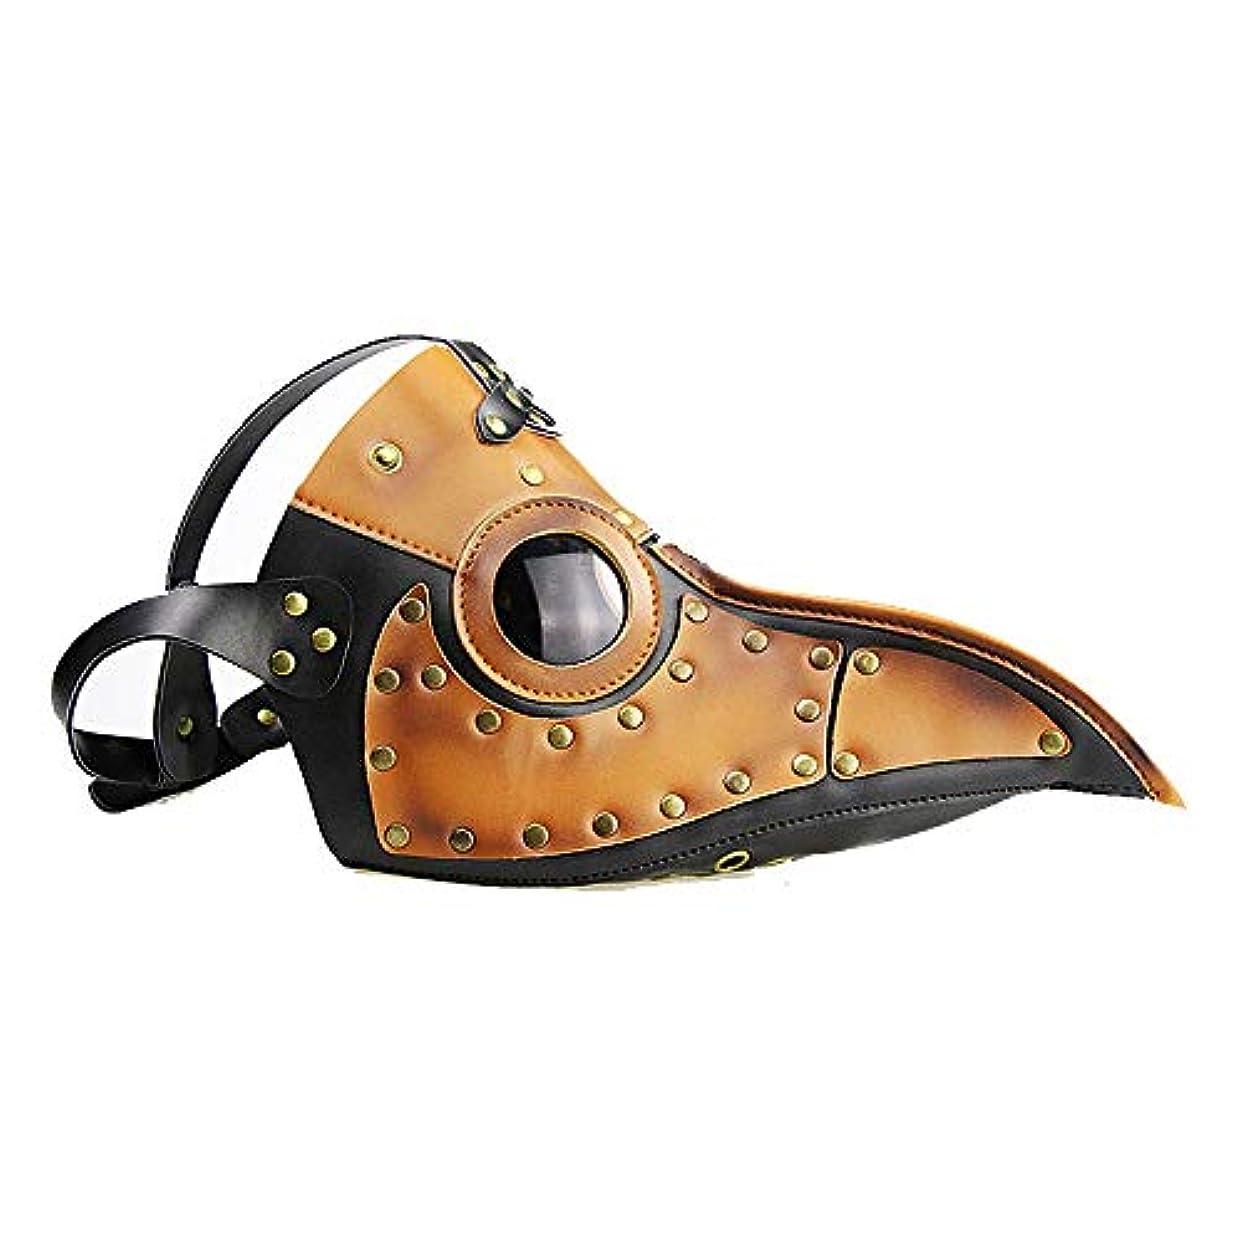 入口スケルトン知り合いになるスチームパンクペストビークマスクハロウィン小道具